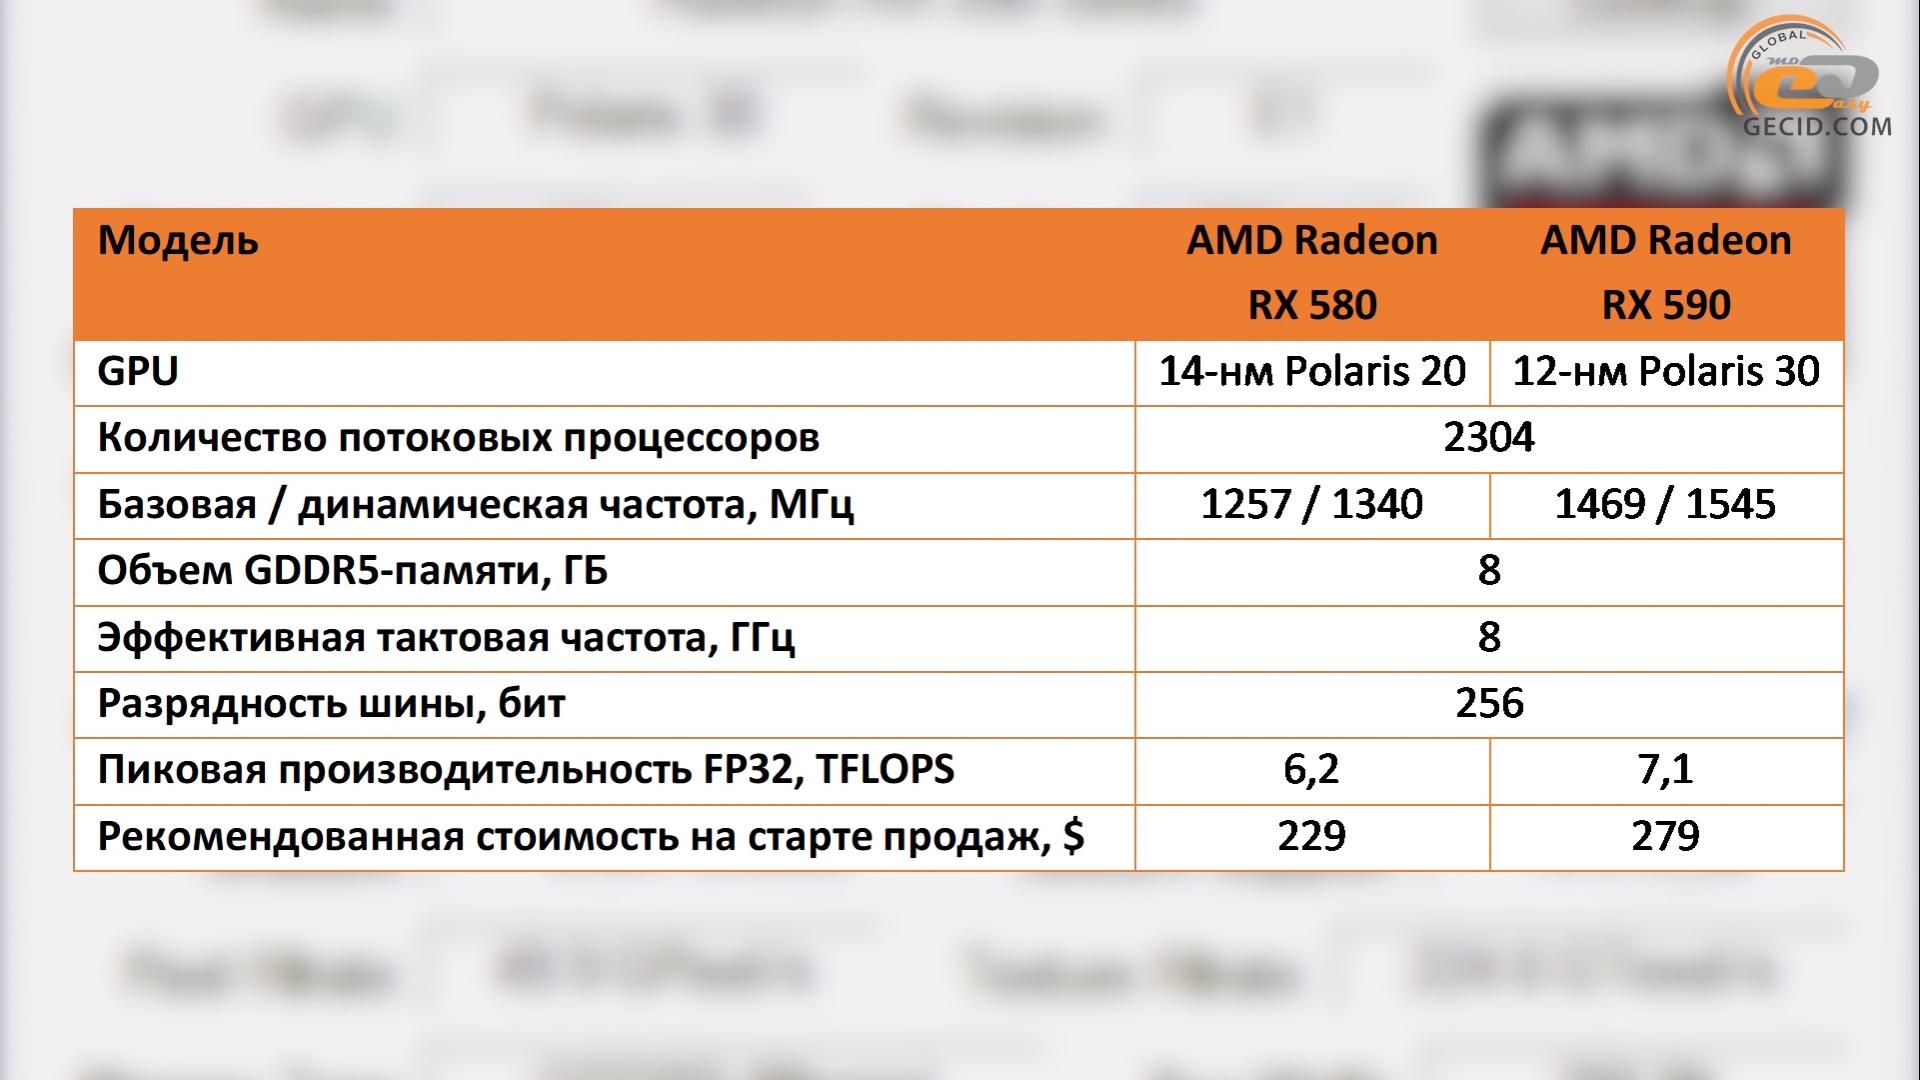 Сравнение видеокарты AMD Radeon RX 590 с RX 580 8GB, RX Vega